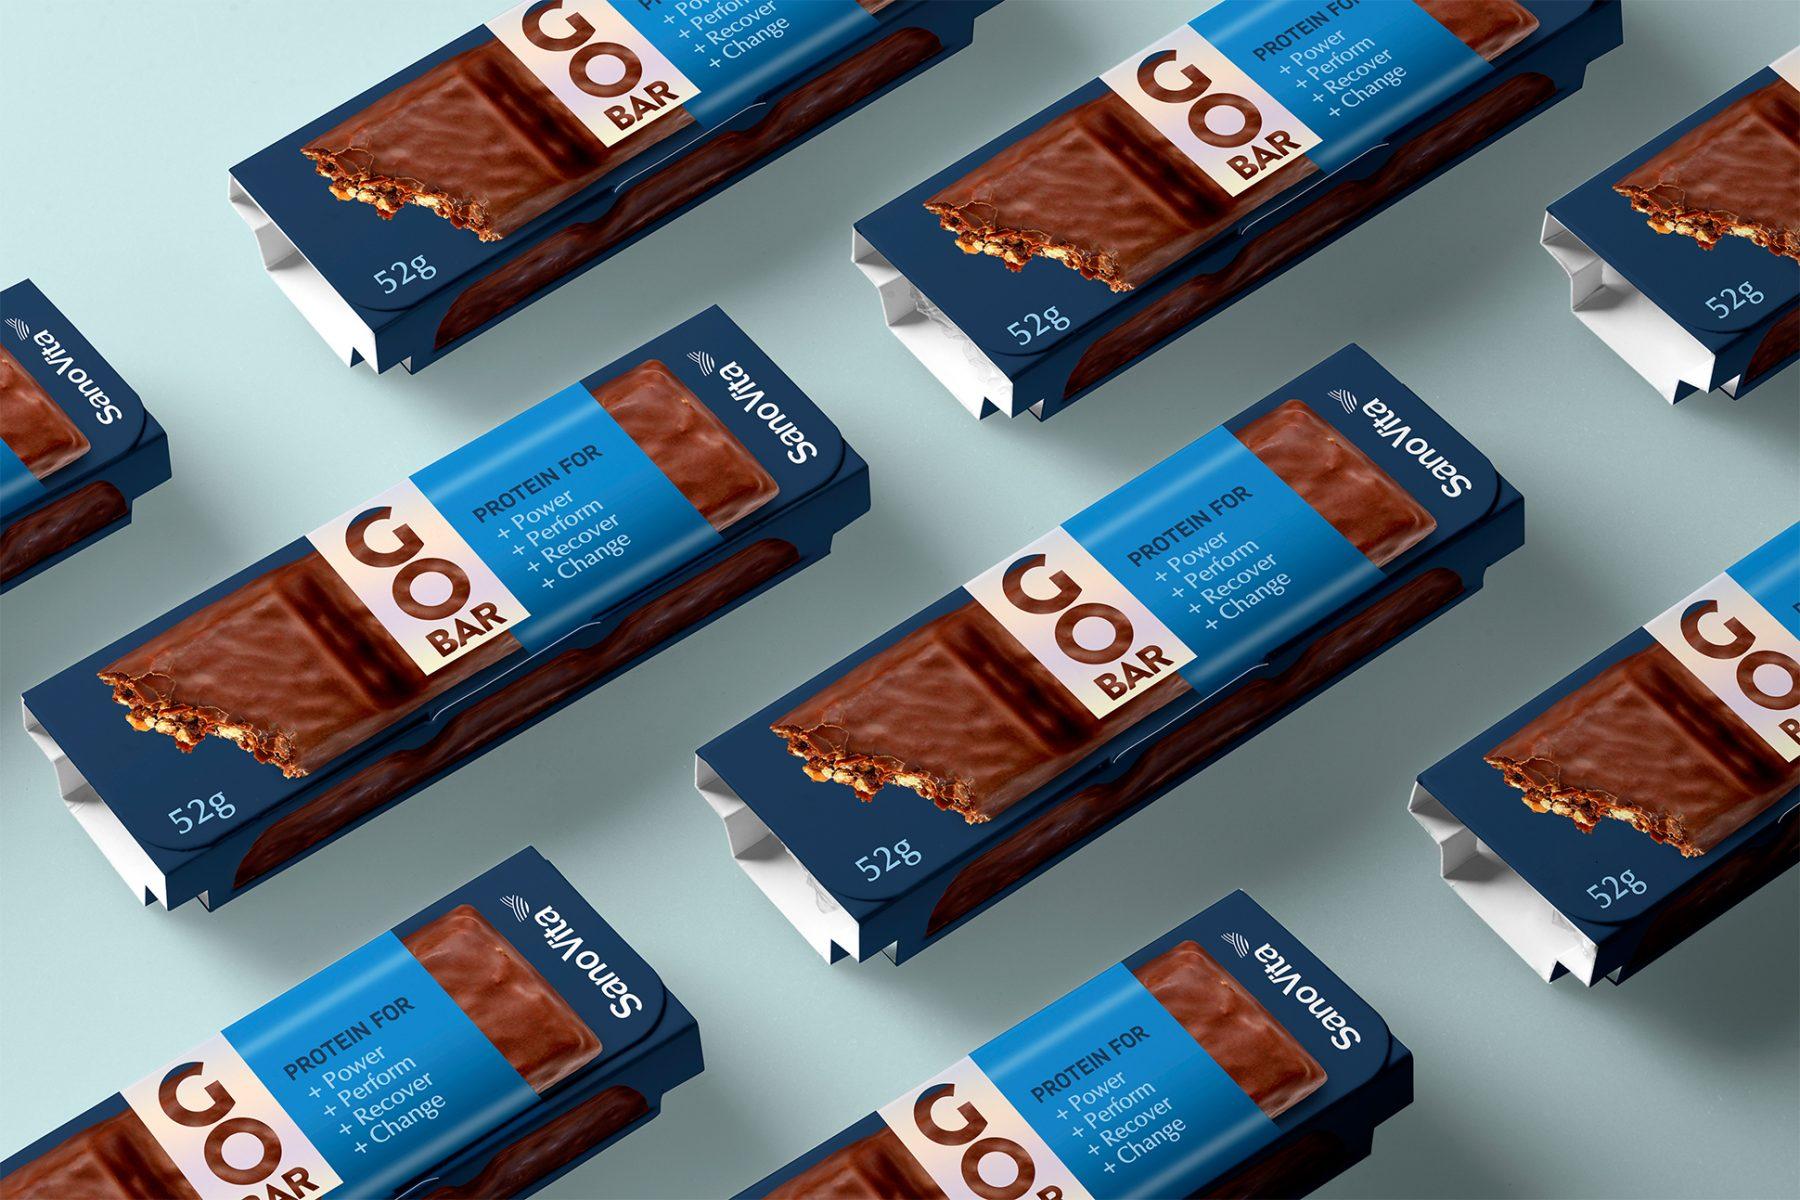 Go Bar baton proteic design eticheta gustare sanovita BroHouse